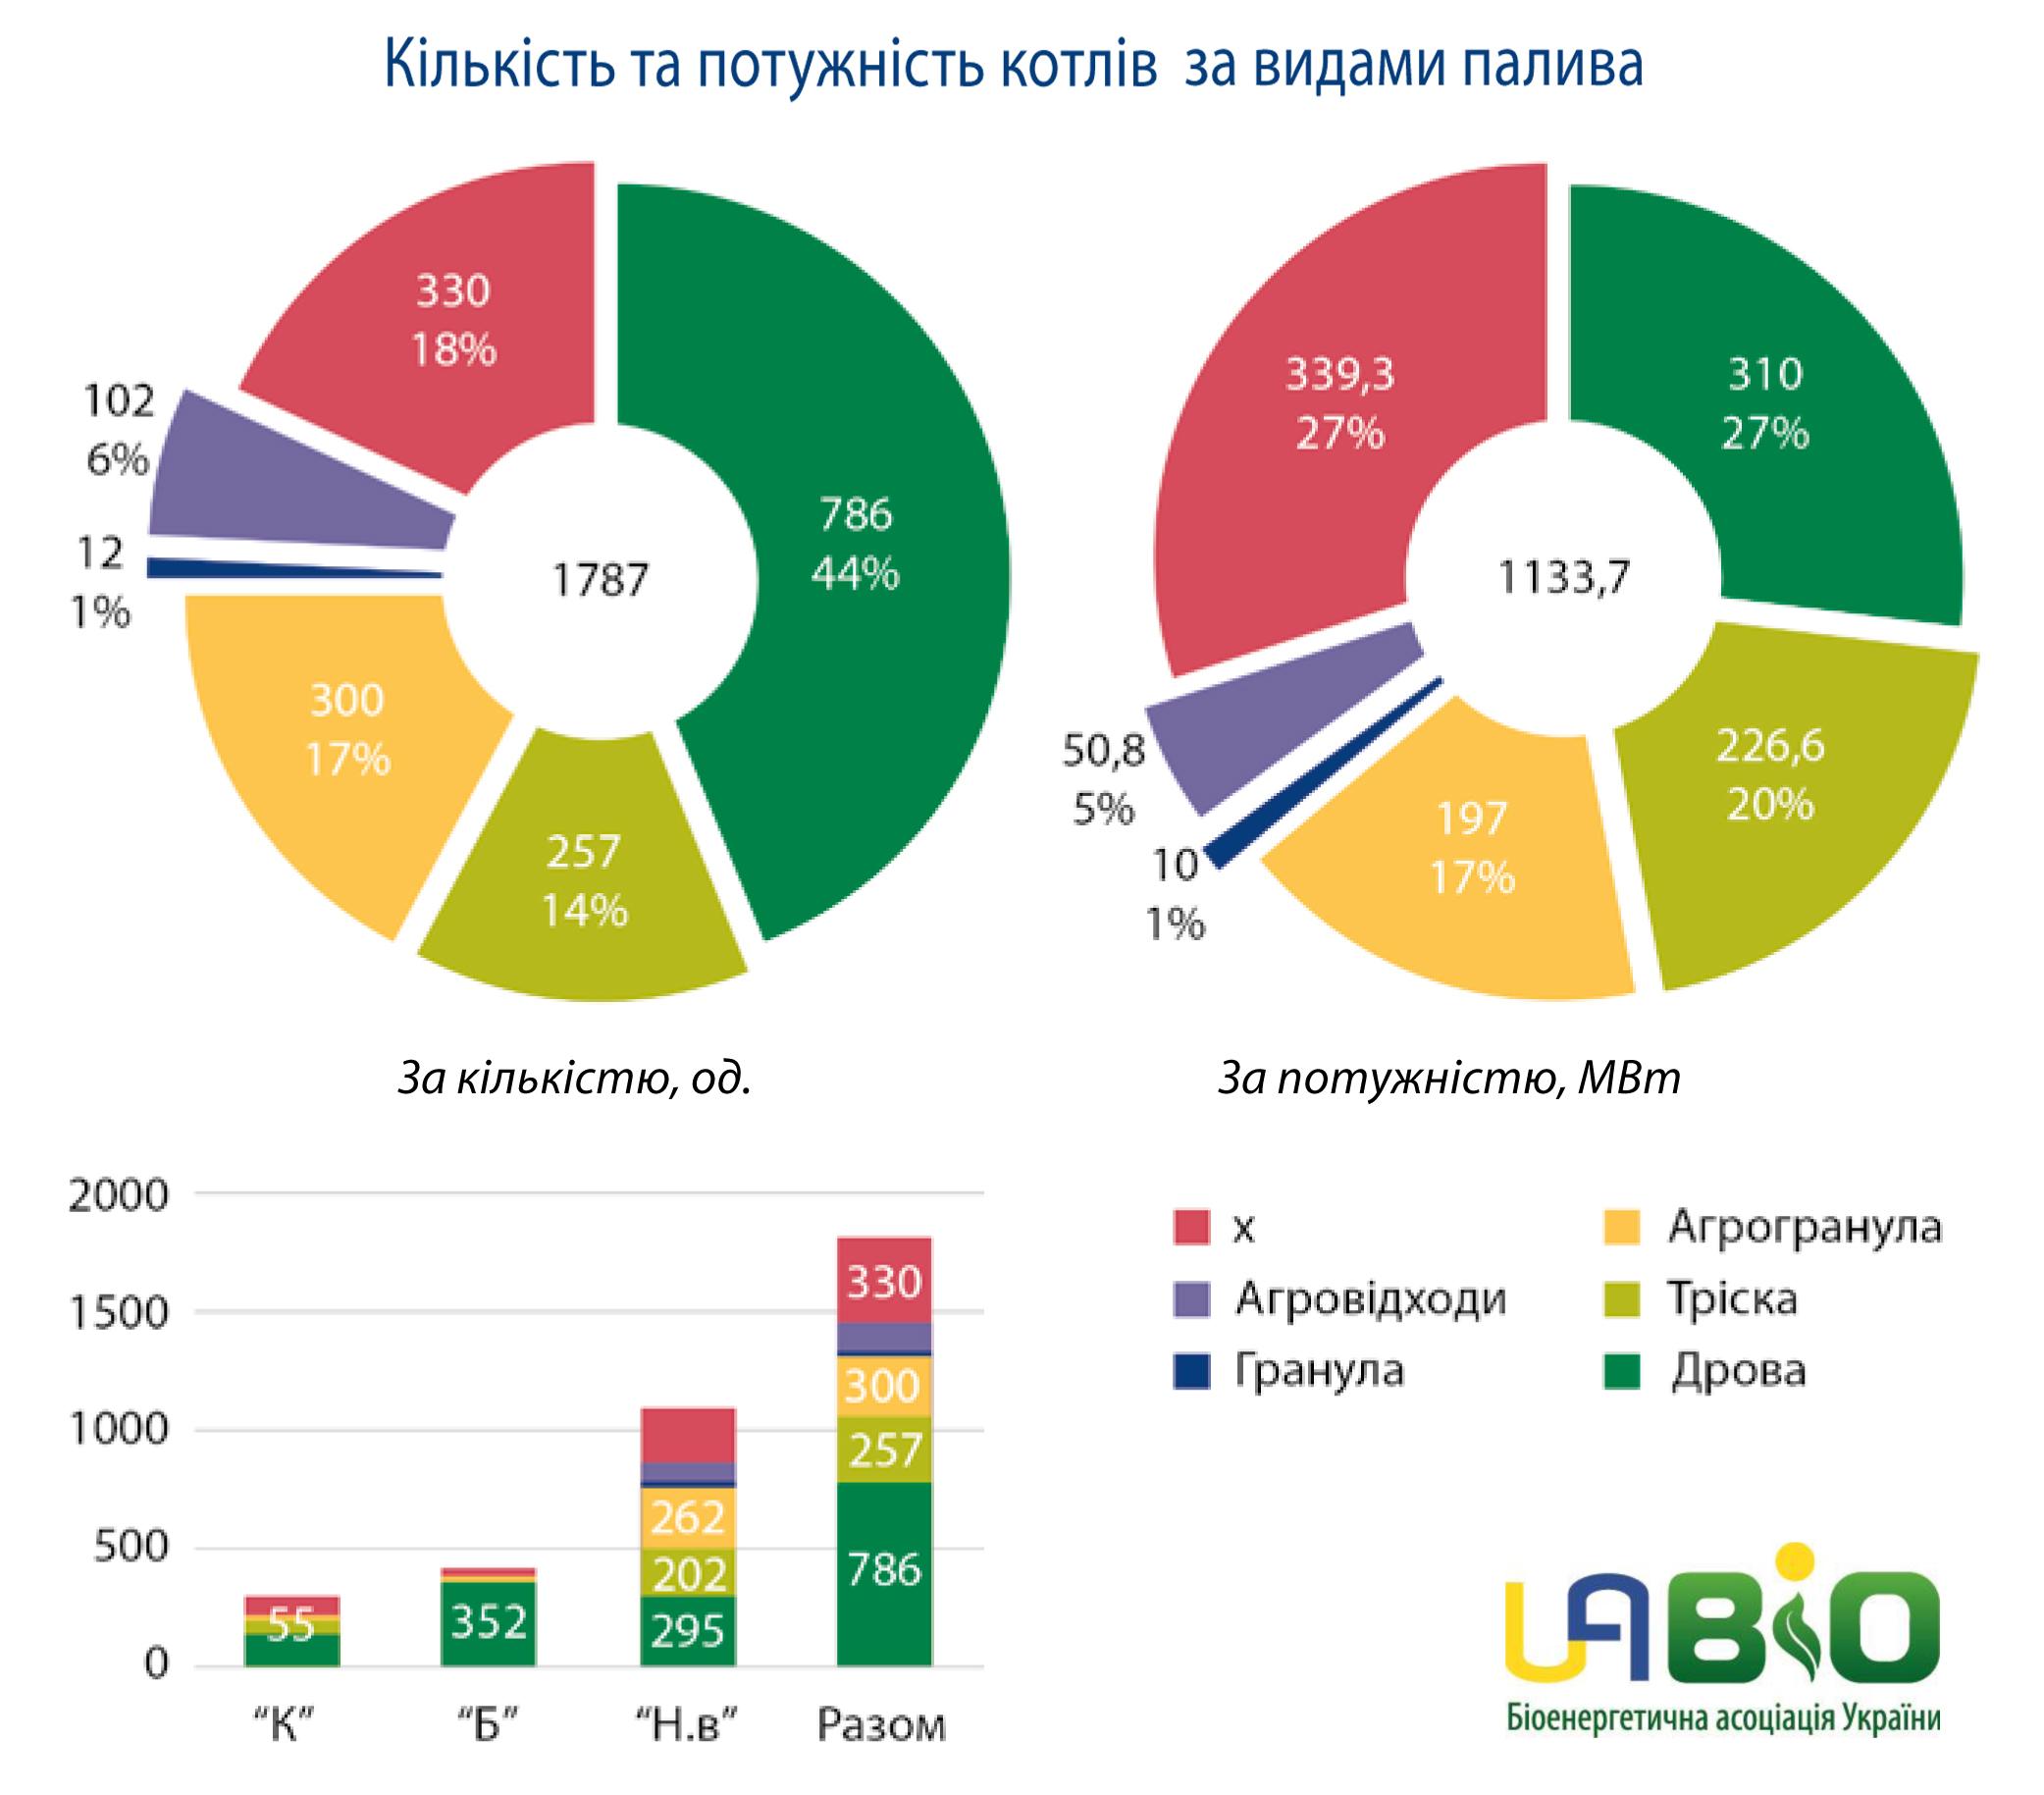 ystanovlennie_tverdotoplivnie_kotli_v_mynicipalnom_sektore.jpg